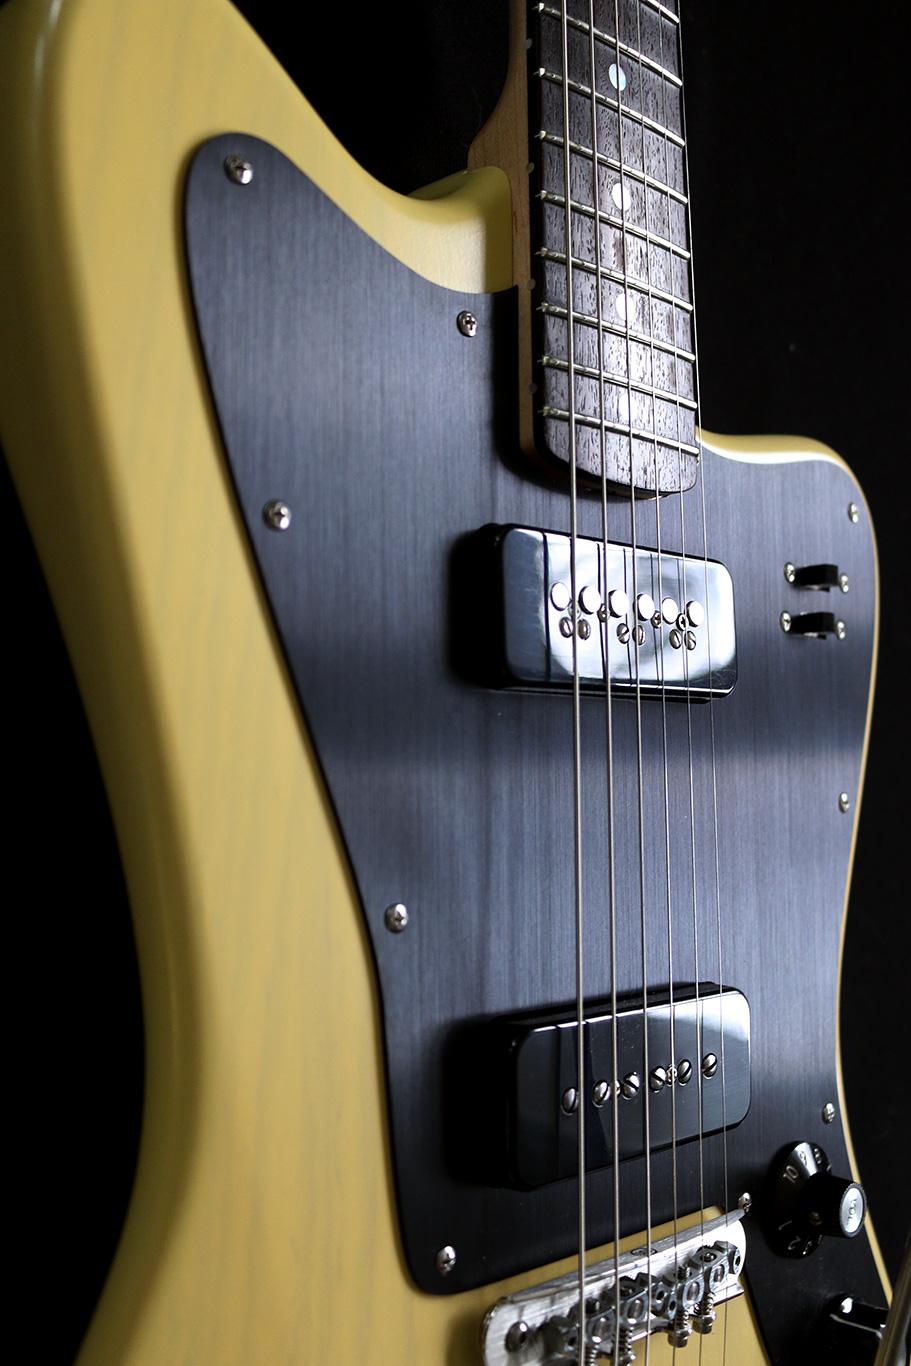 Deimel Firestar »Butterscotch Blonde« w/ black anodized aluminum pickguard